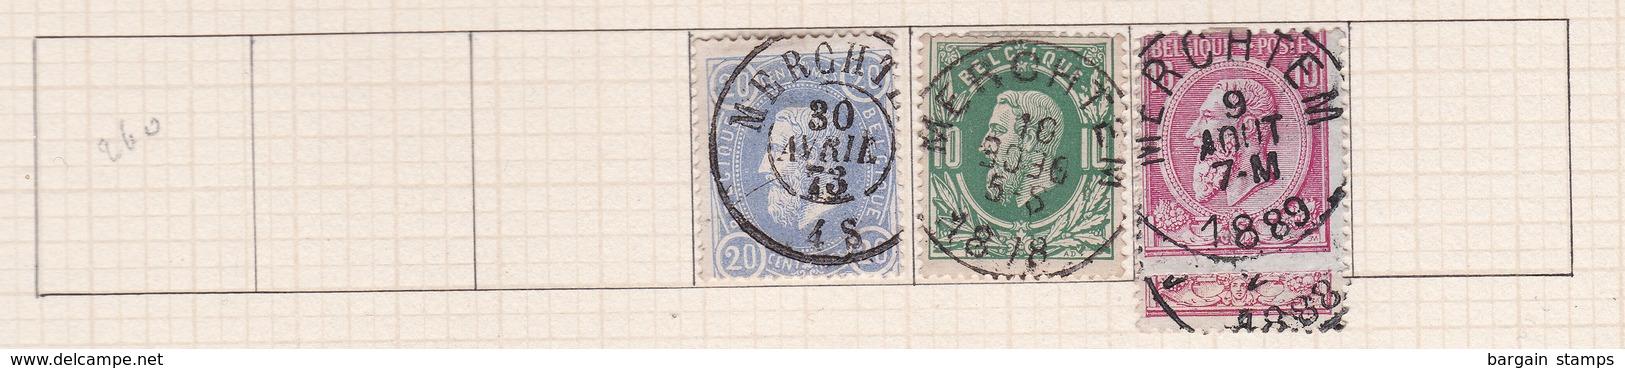 Belgique COB 31 30 46(x2) Oblitérés Merchtem - Belgique